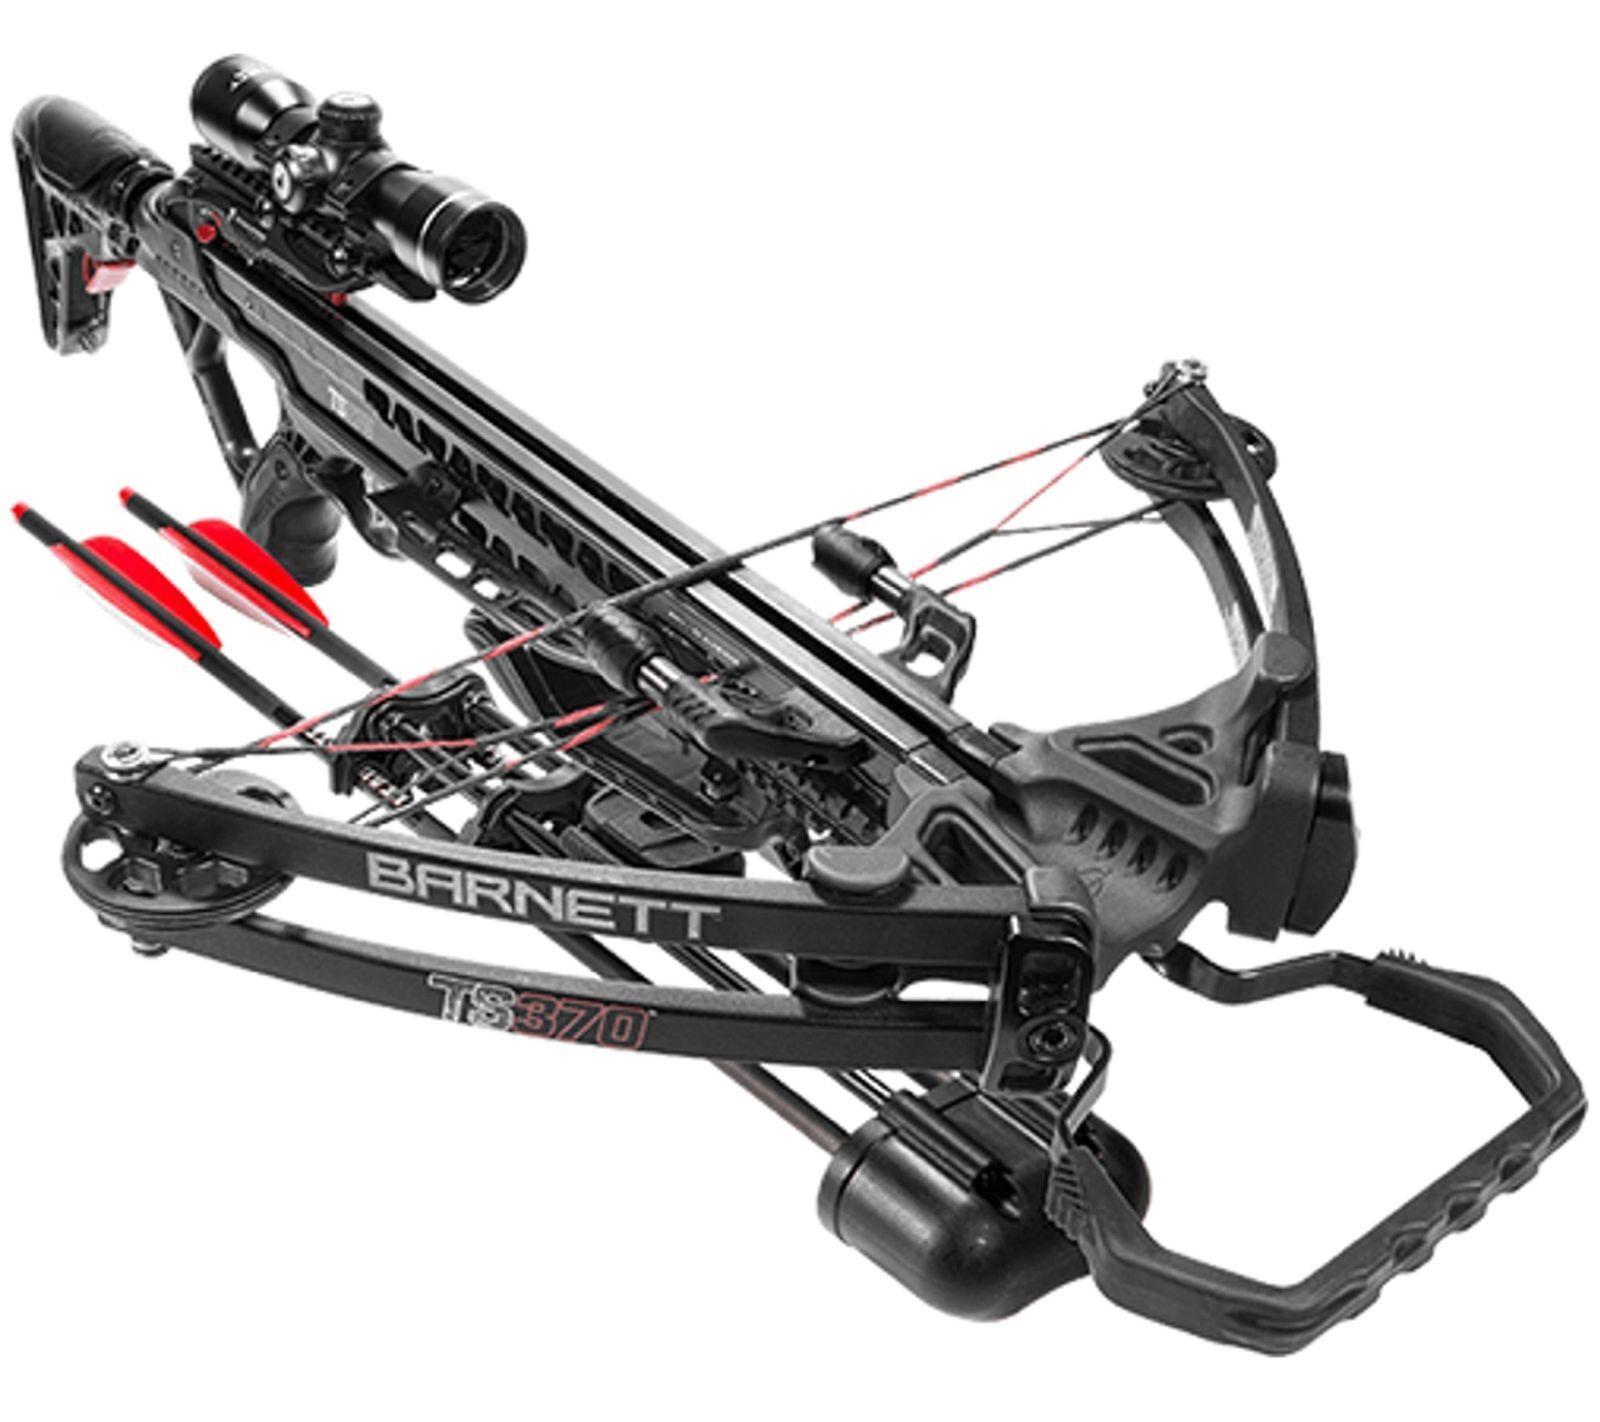 Barnett TS370 Crossbow Package - 78001 - Great for Deer Hunt